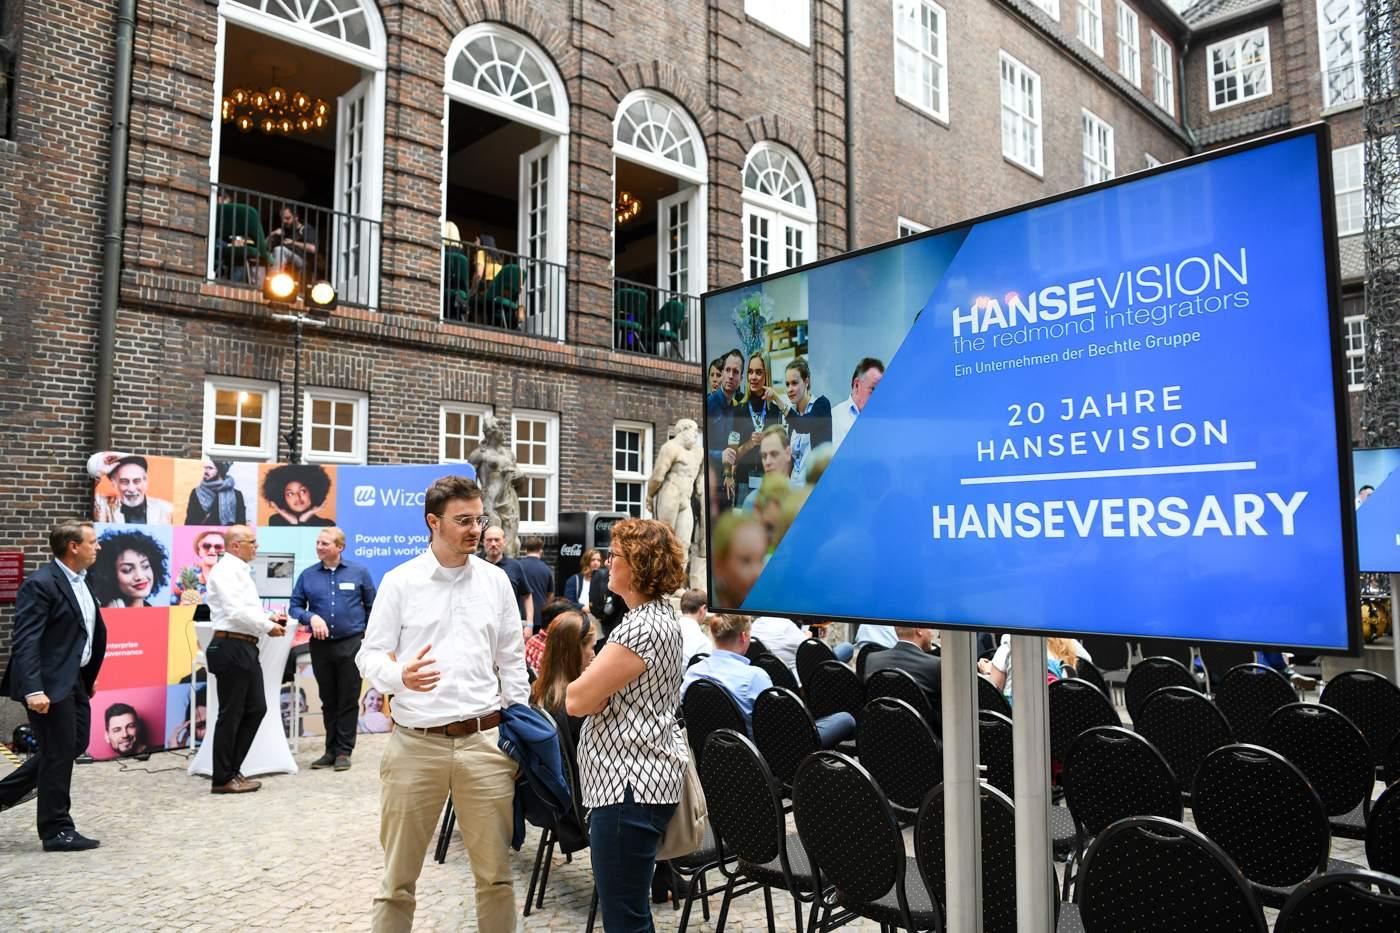 HanseVersary